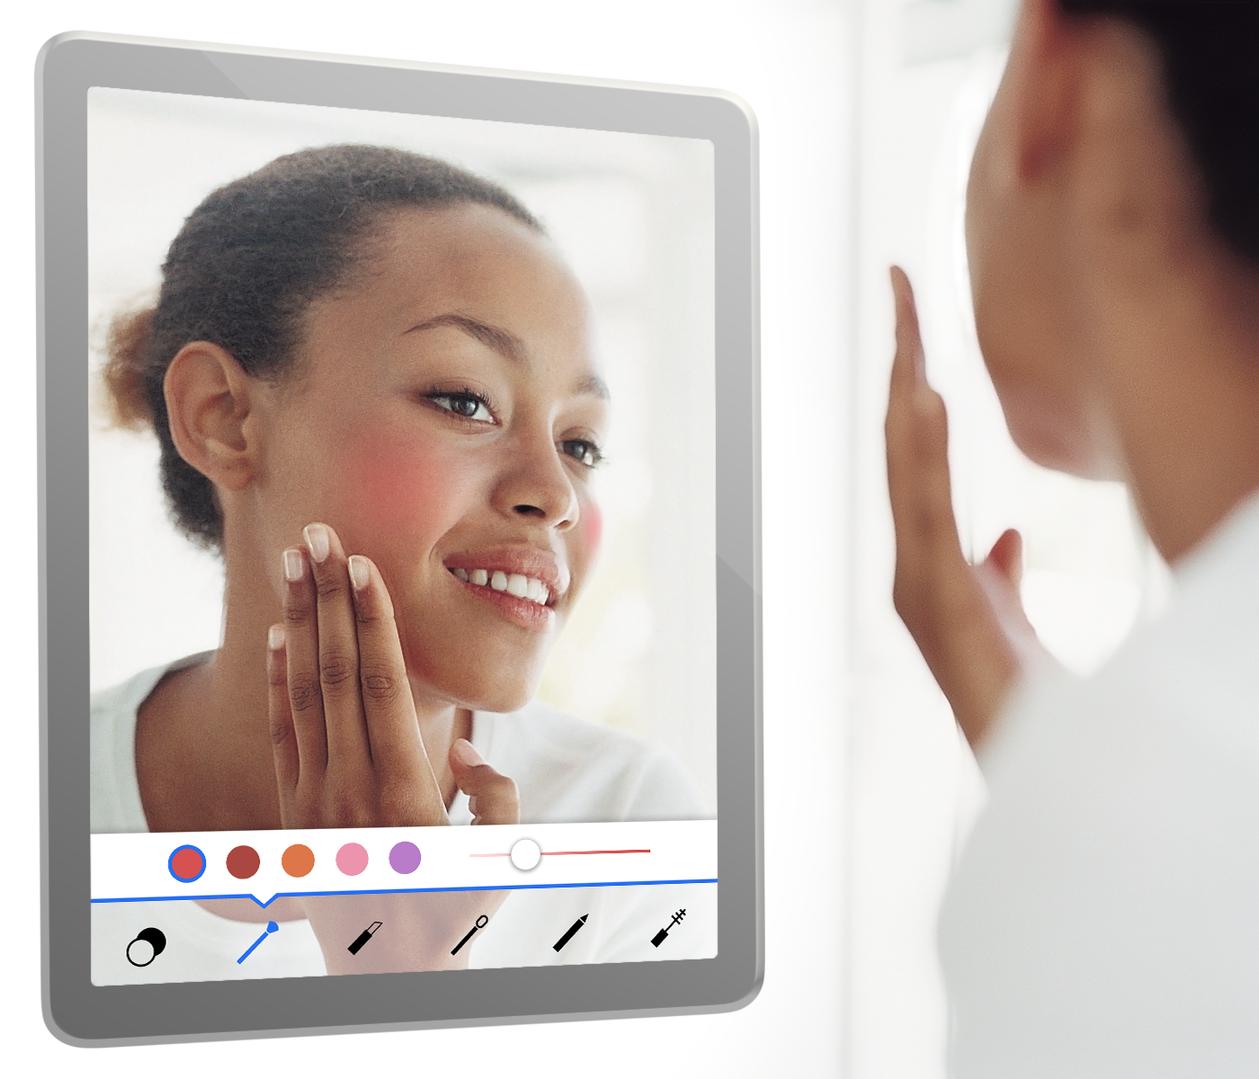 Makeup_tablet_05.png